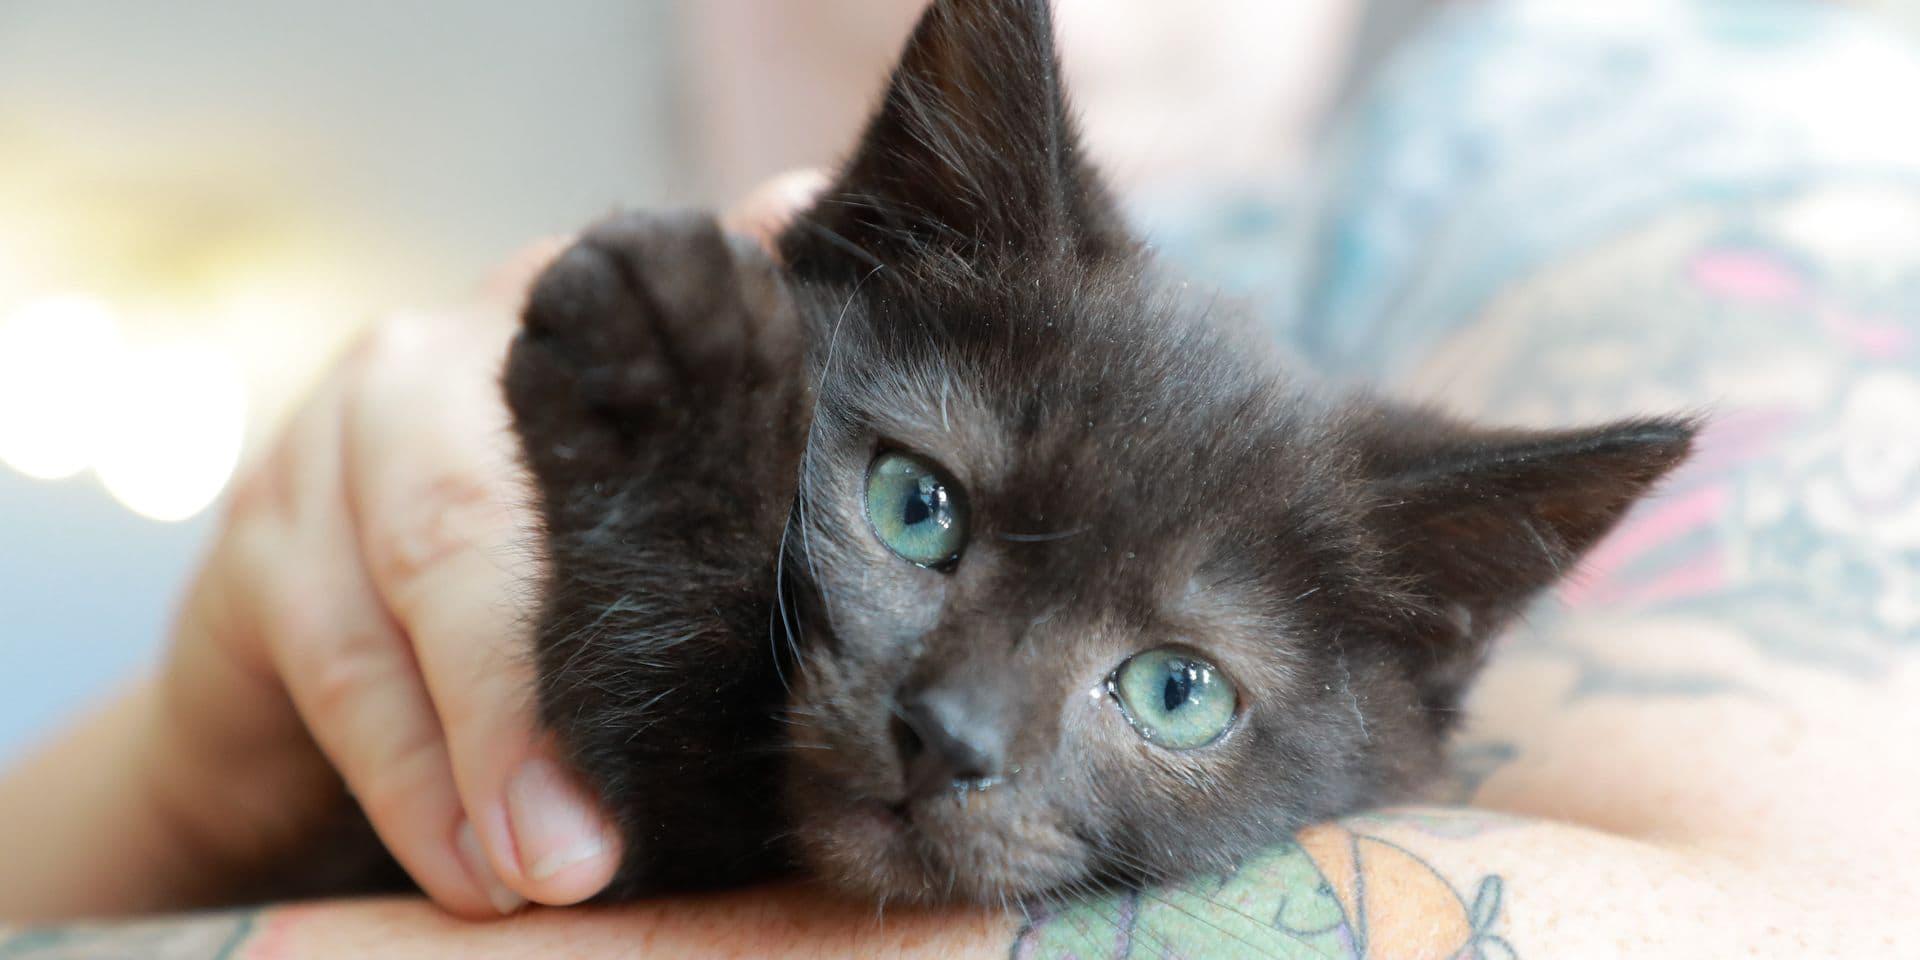 """Les amateurs de chats invités à prendre part à la lutte contre les abus d'enfants: """"Pour chaque photo de chat, 78 images d'abus sexuels sur des enfants sont partagées"""""""